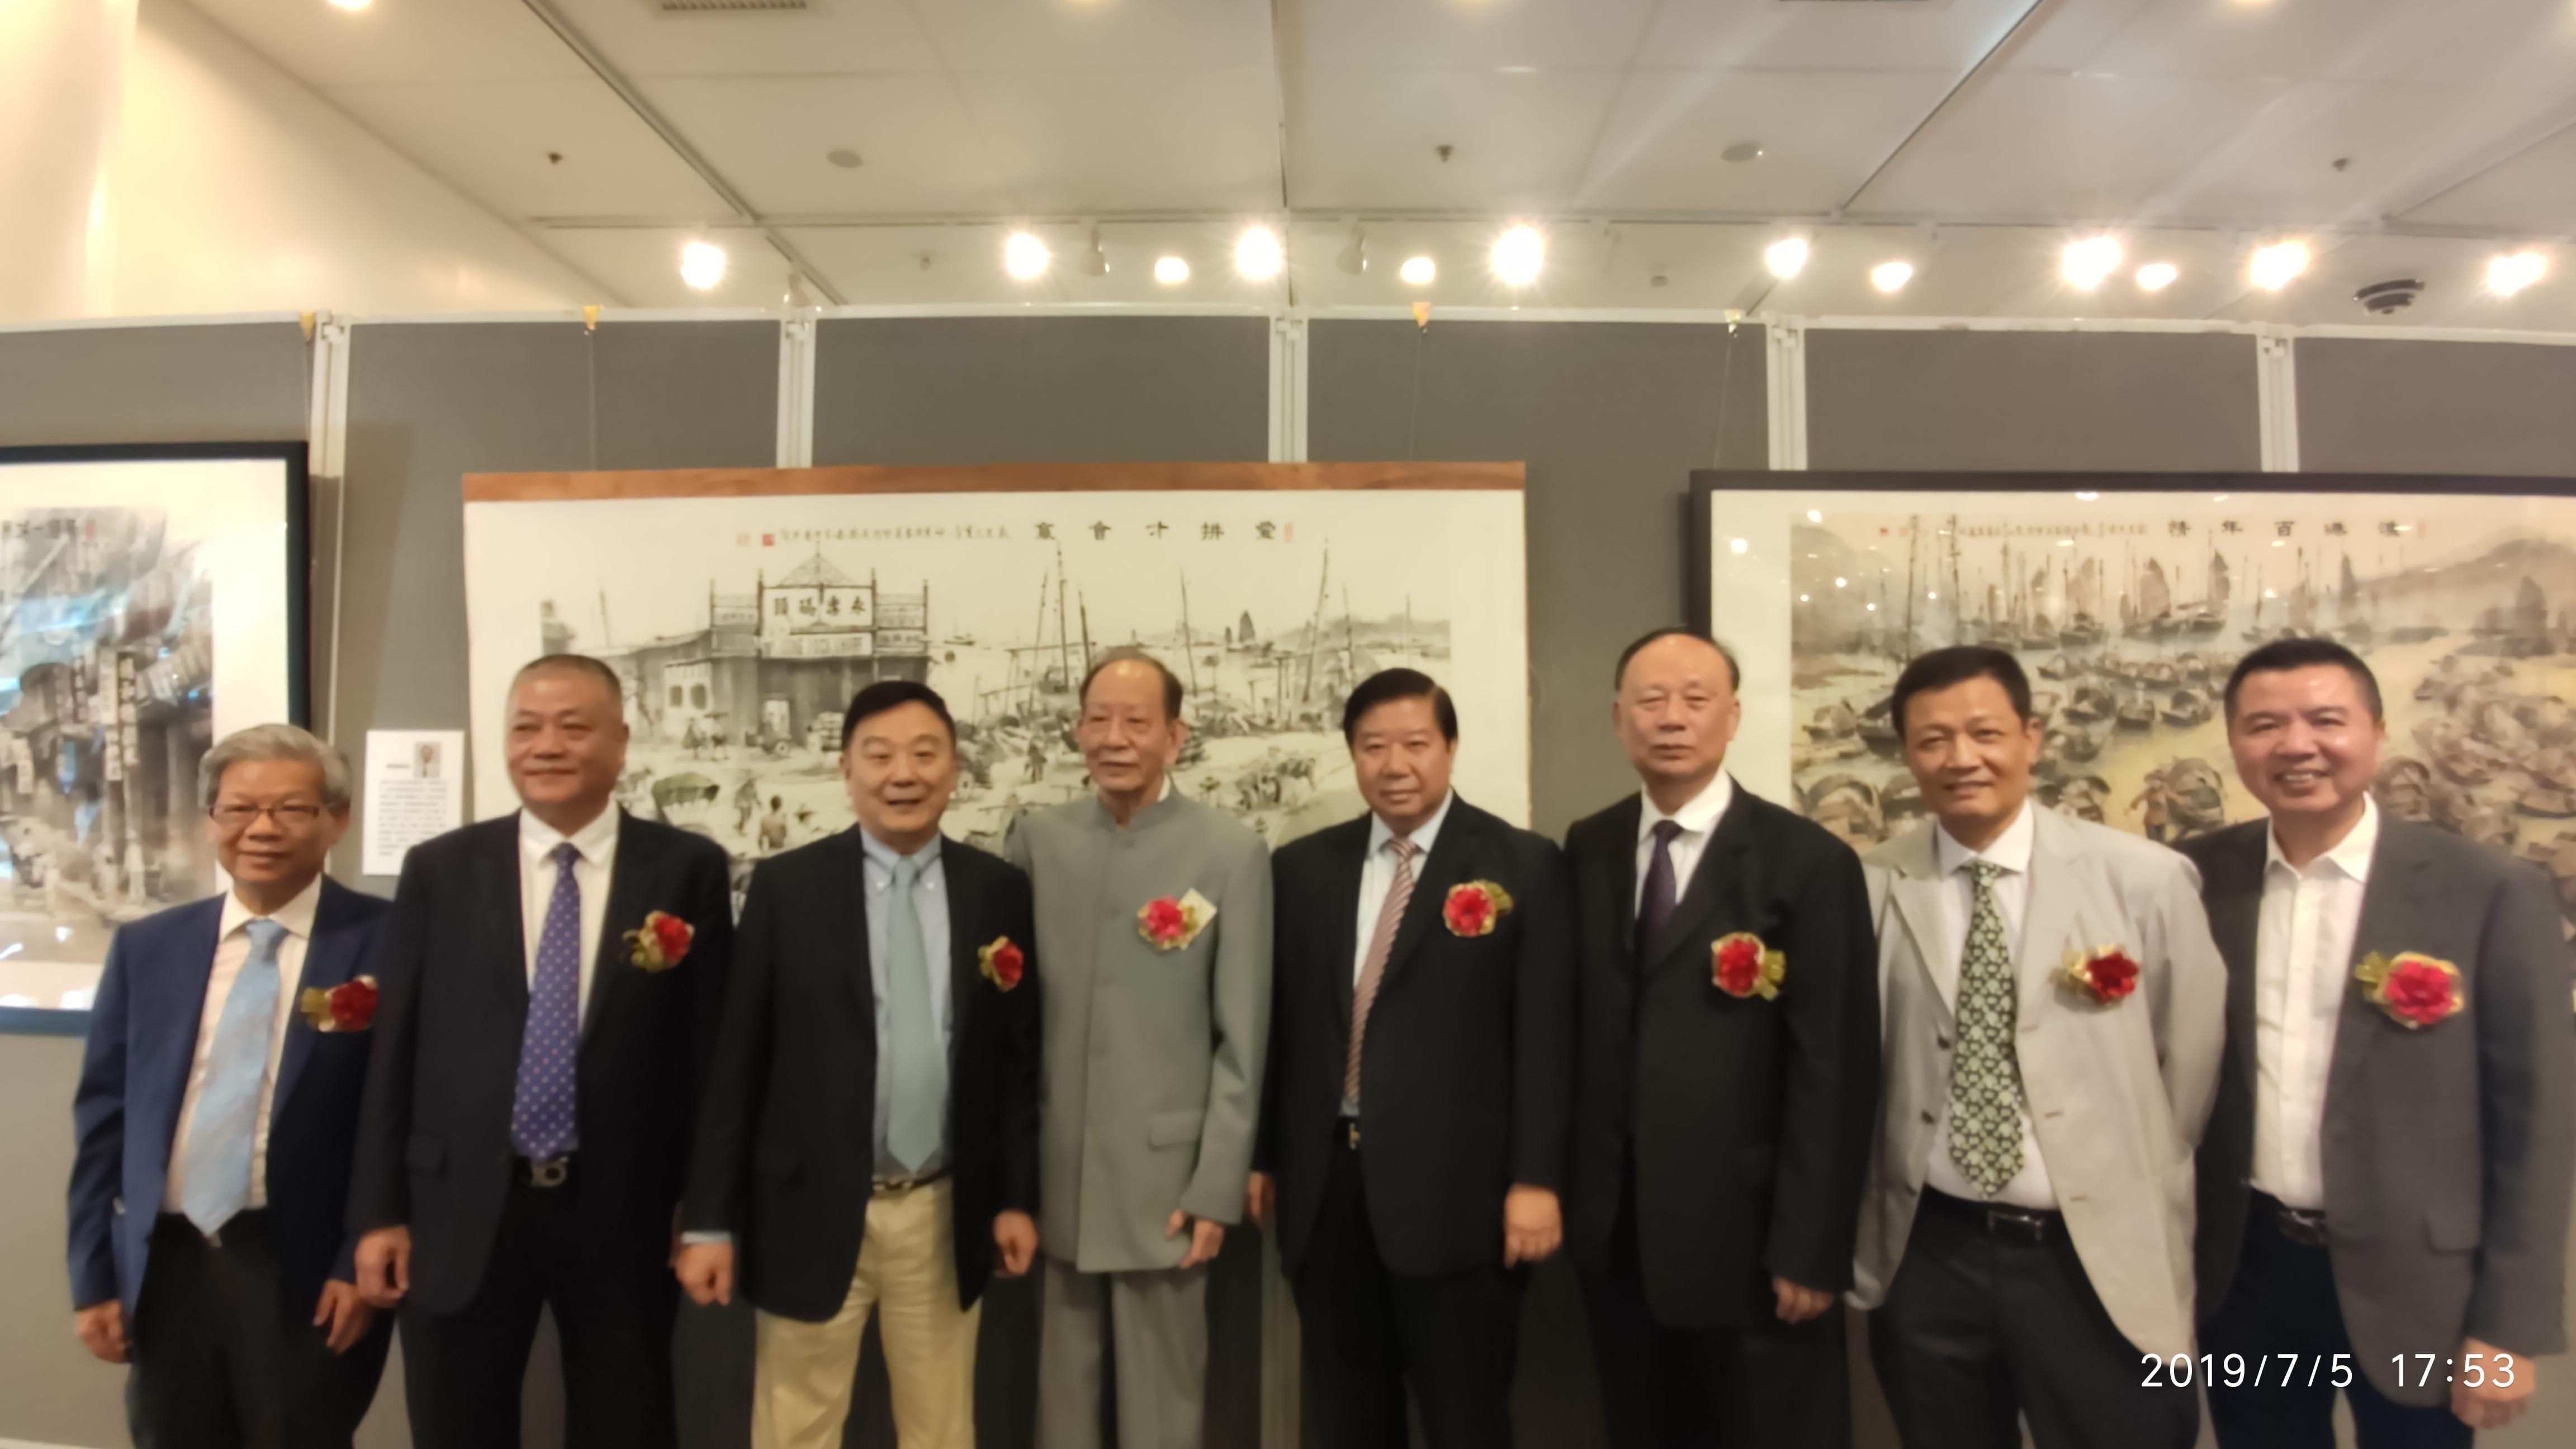 左起:楊劍青、胡澤文、劉宗明、陳家義、黃書銳、吳哲歆